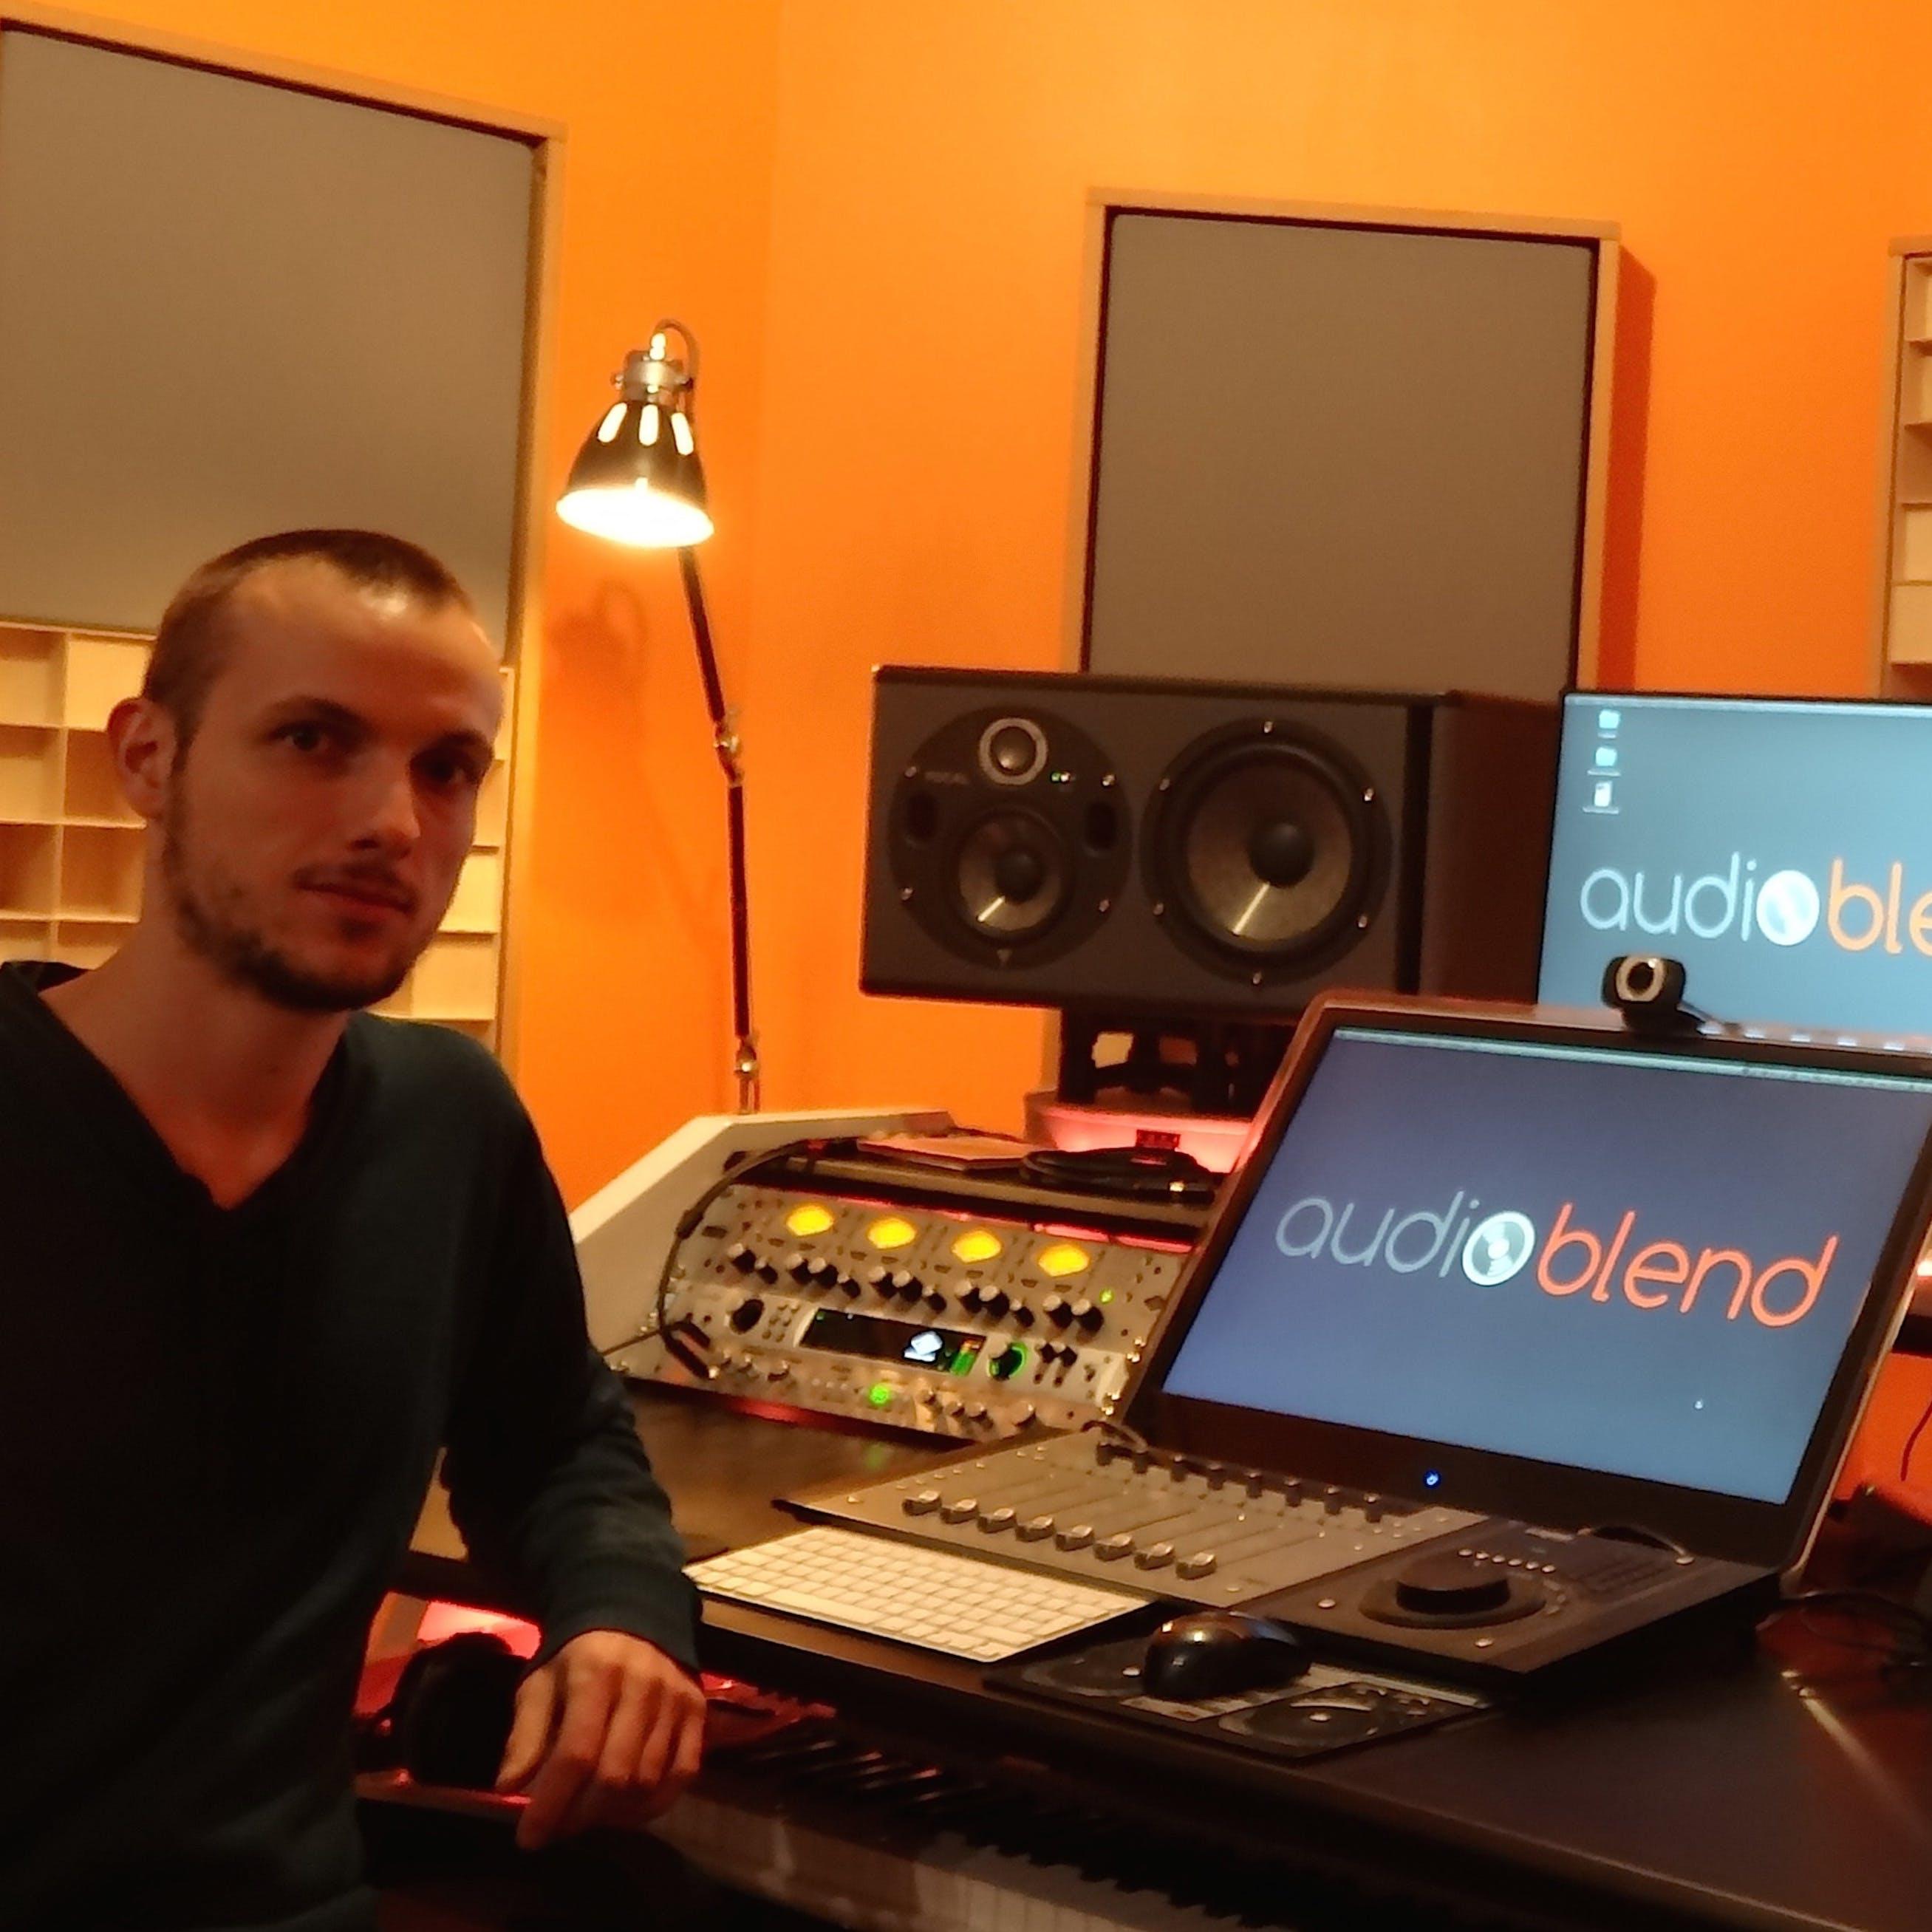 Cours de Musique Assistée Par Ordinateur (MAO), Production Sonore (Audio), Aide Produits Apple à Roubaix, France